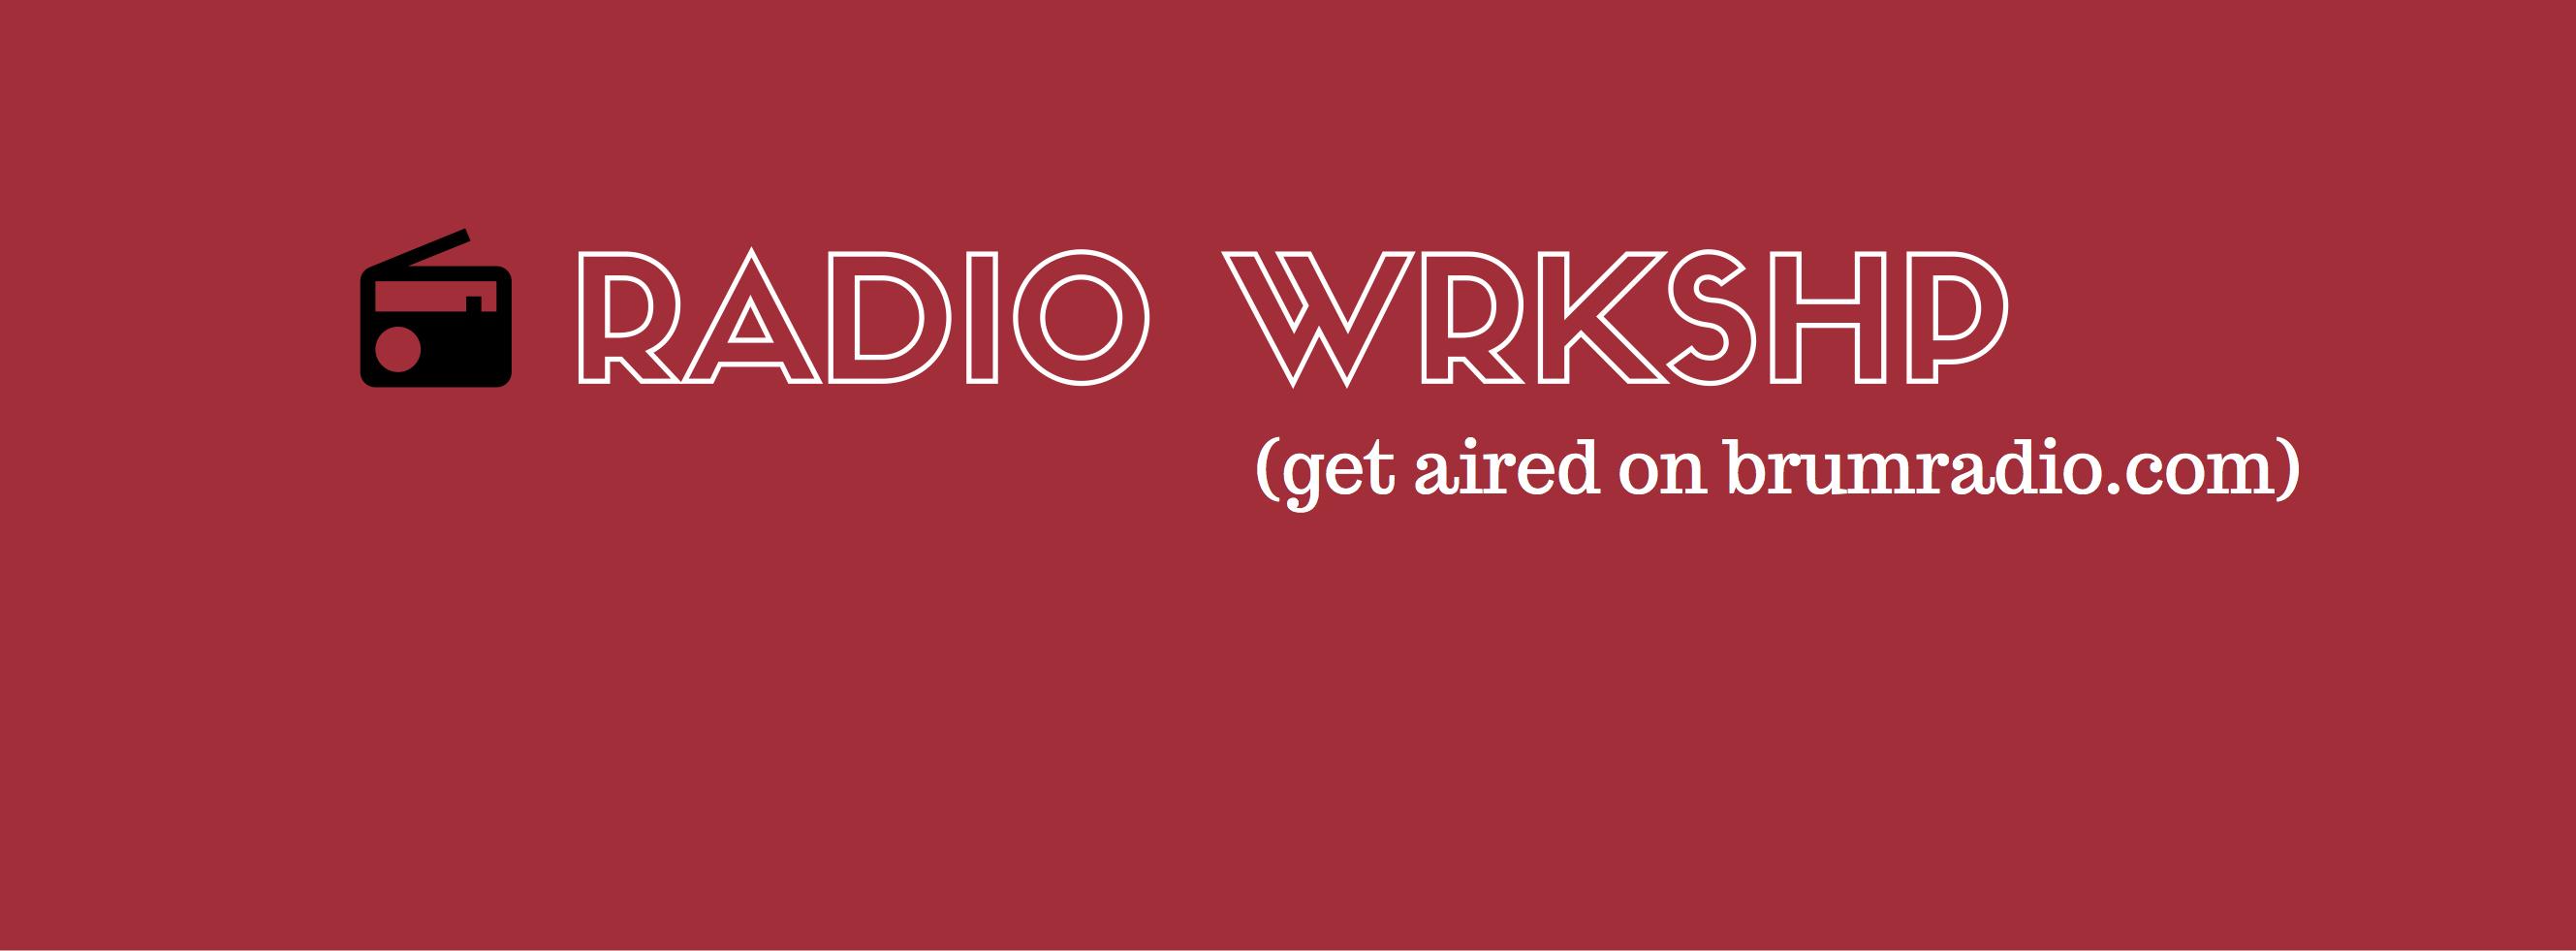 RADIO WRKSHP